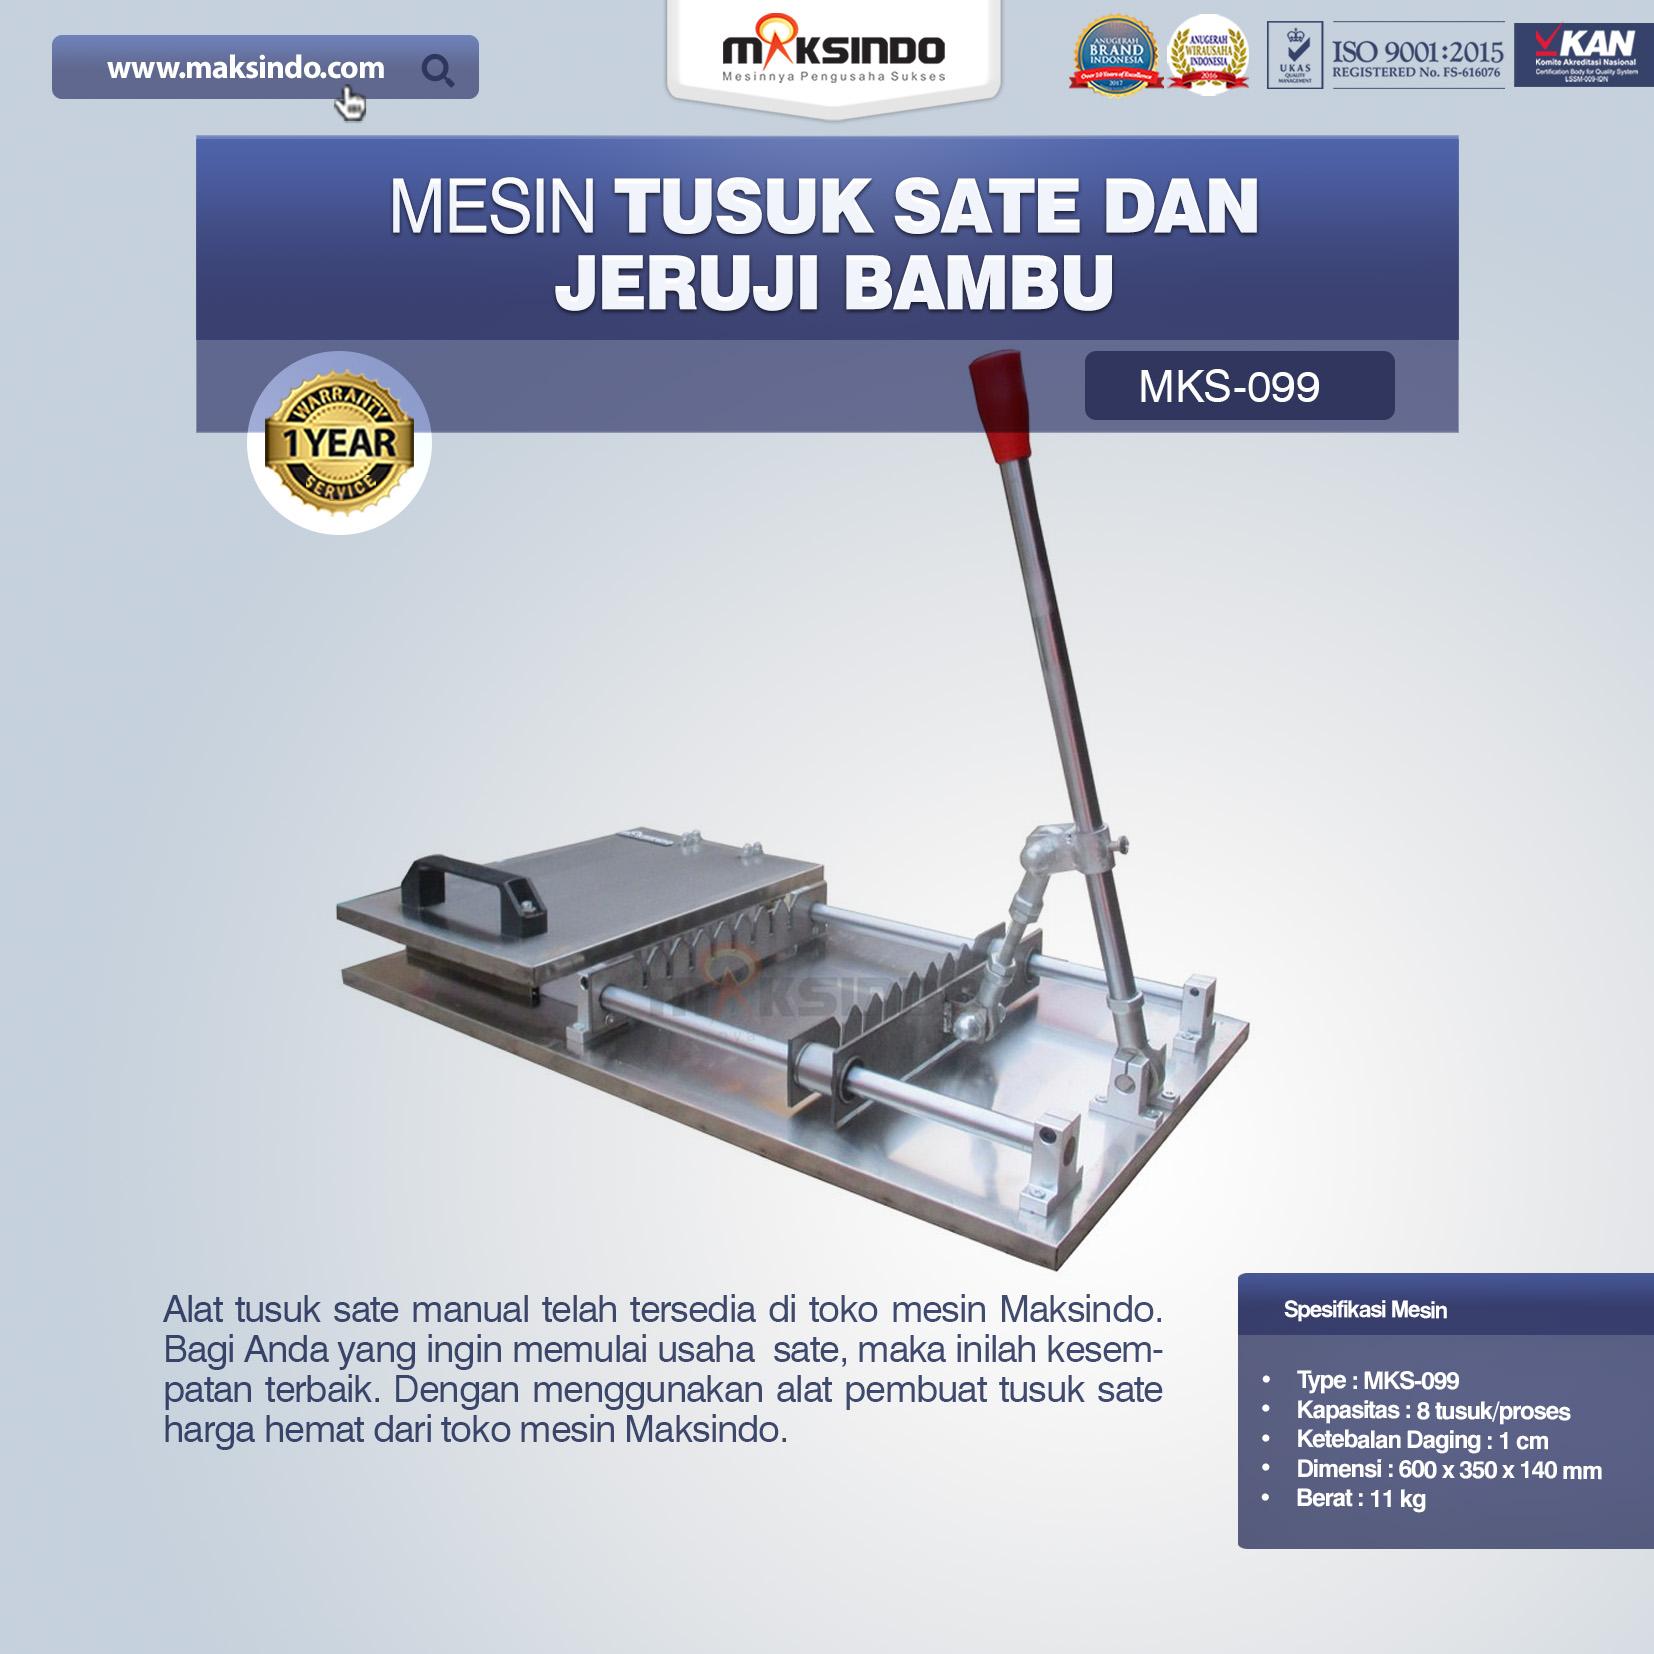 Jual Alat Tusuk Sate ManualMKS-099 di Banjarmasin